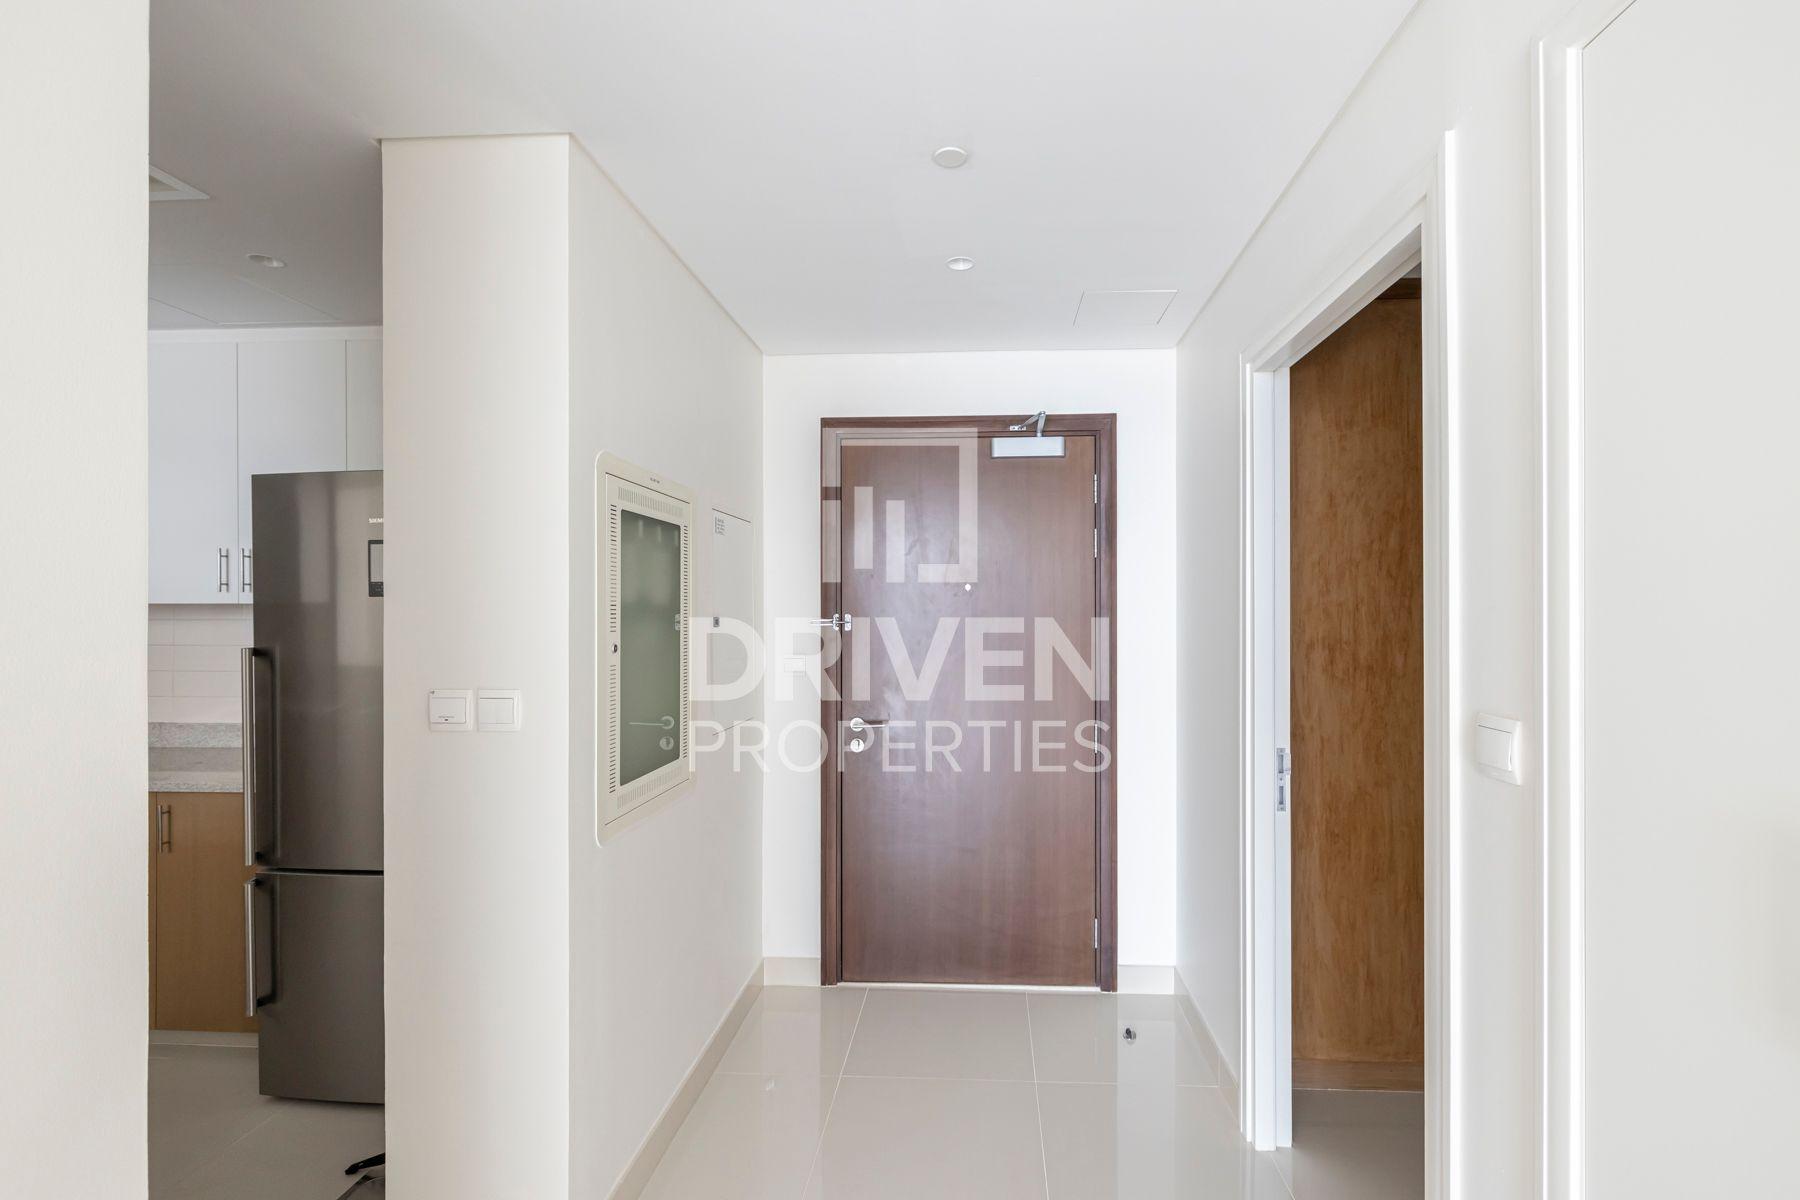 للبيع - شقة - بوليفارد كريسنت 1 - دبي وسط المدينة